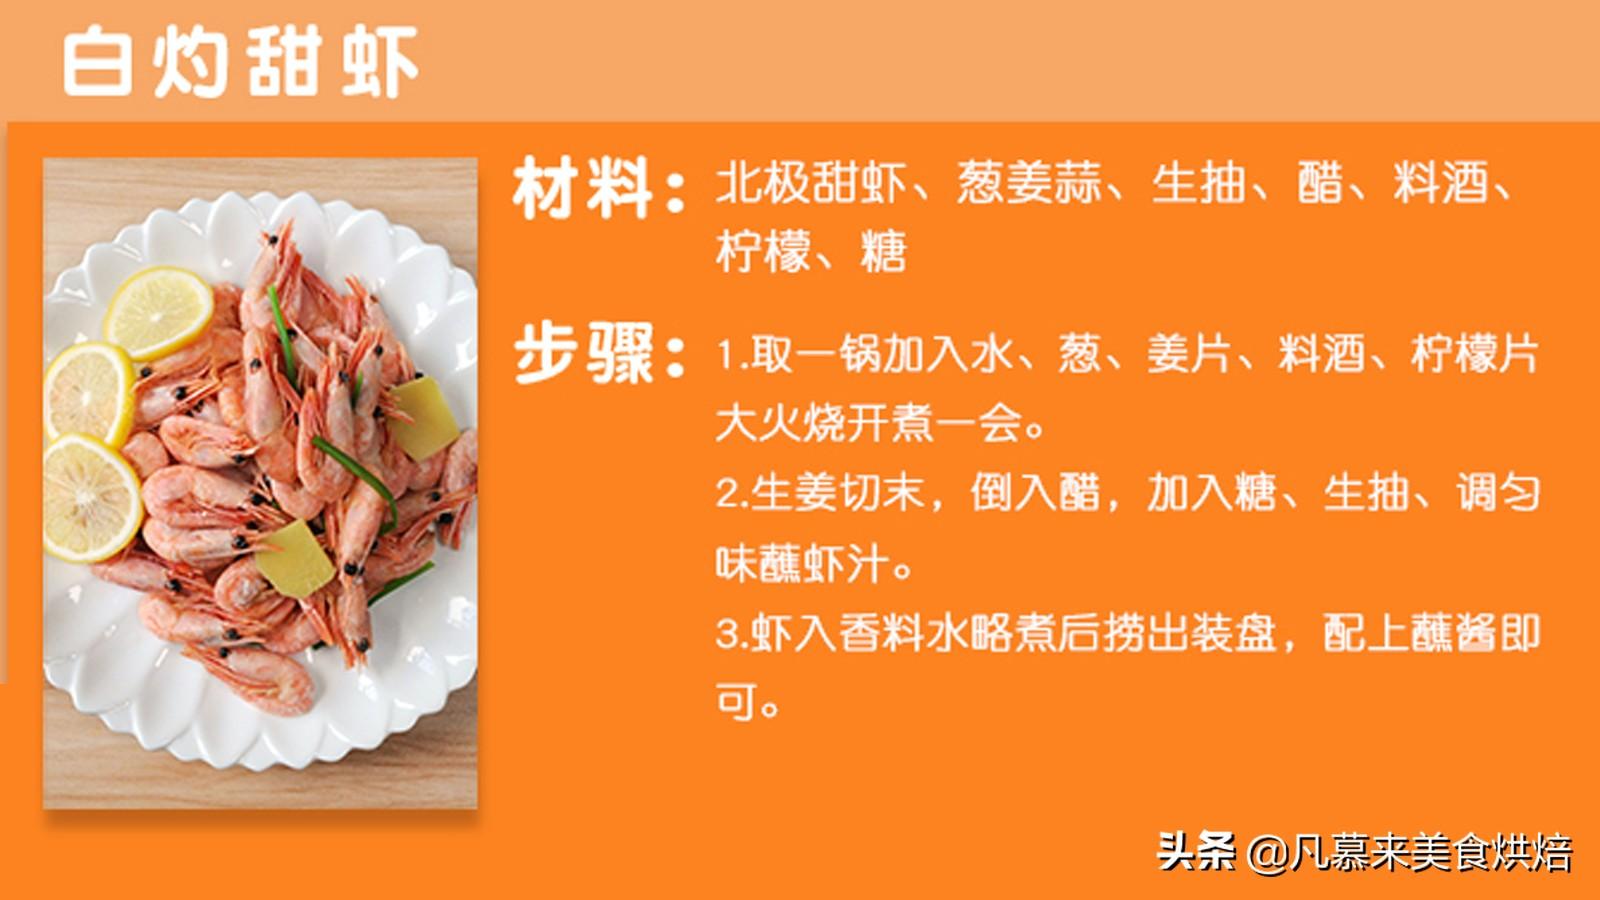 北极虾为什么是熟的?为什么有黑头?如何选?北极虾10种吃法